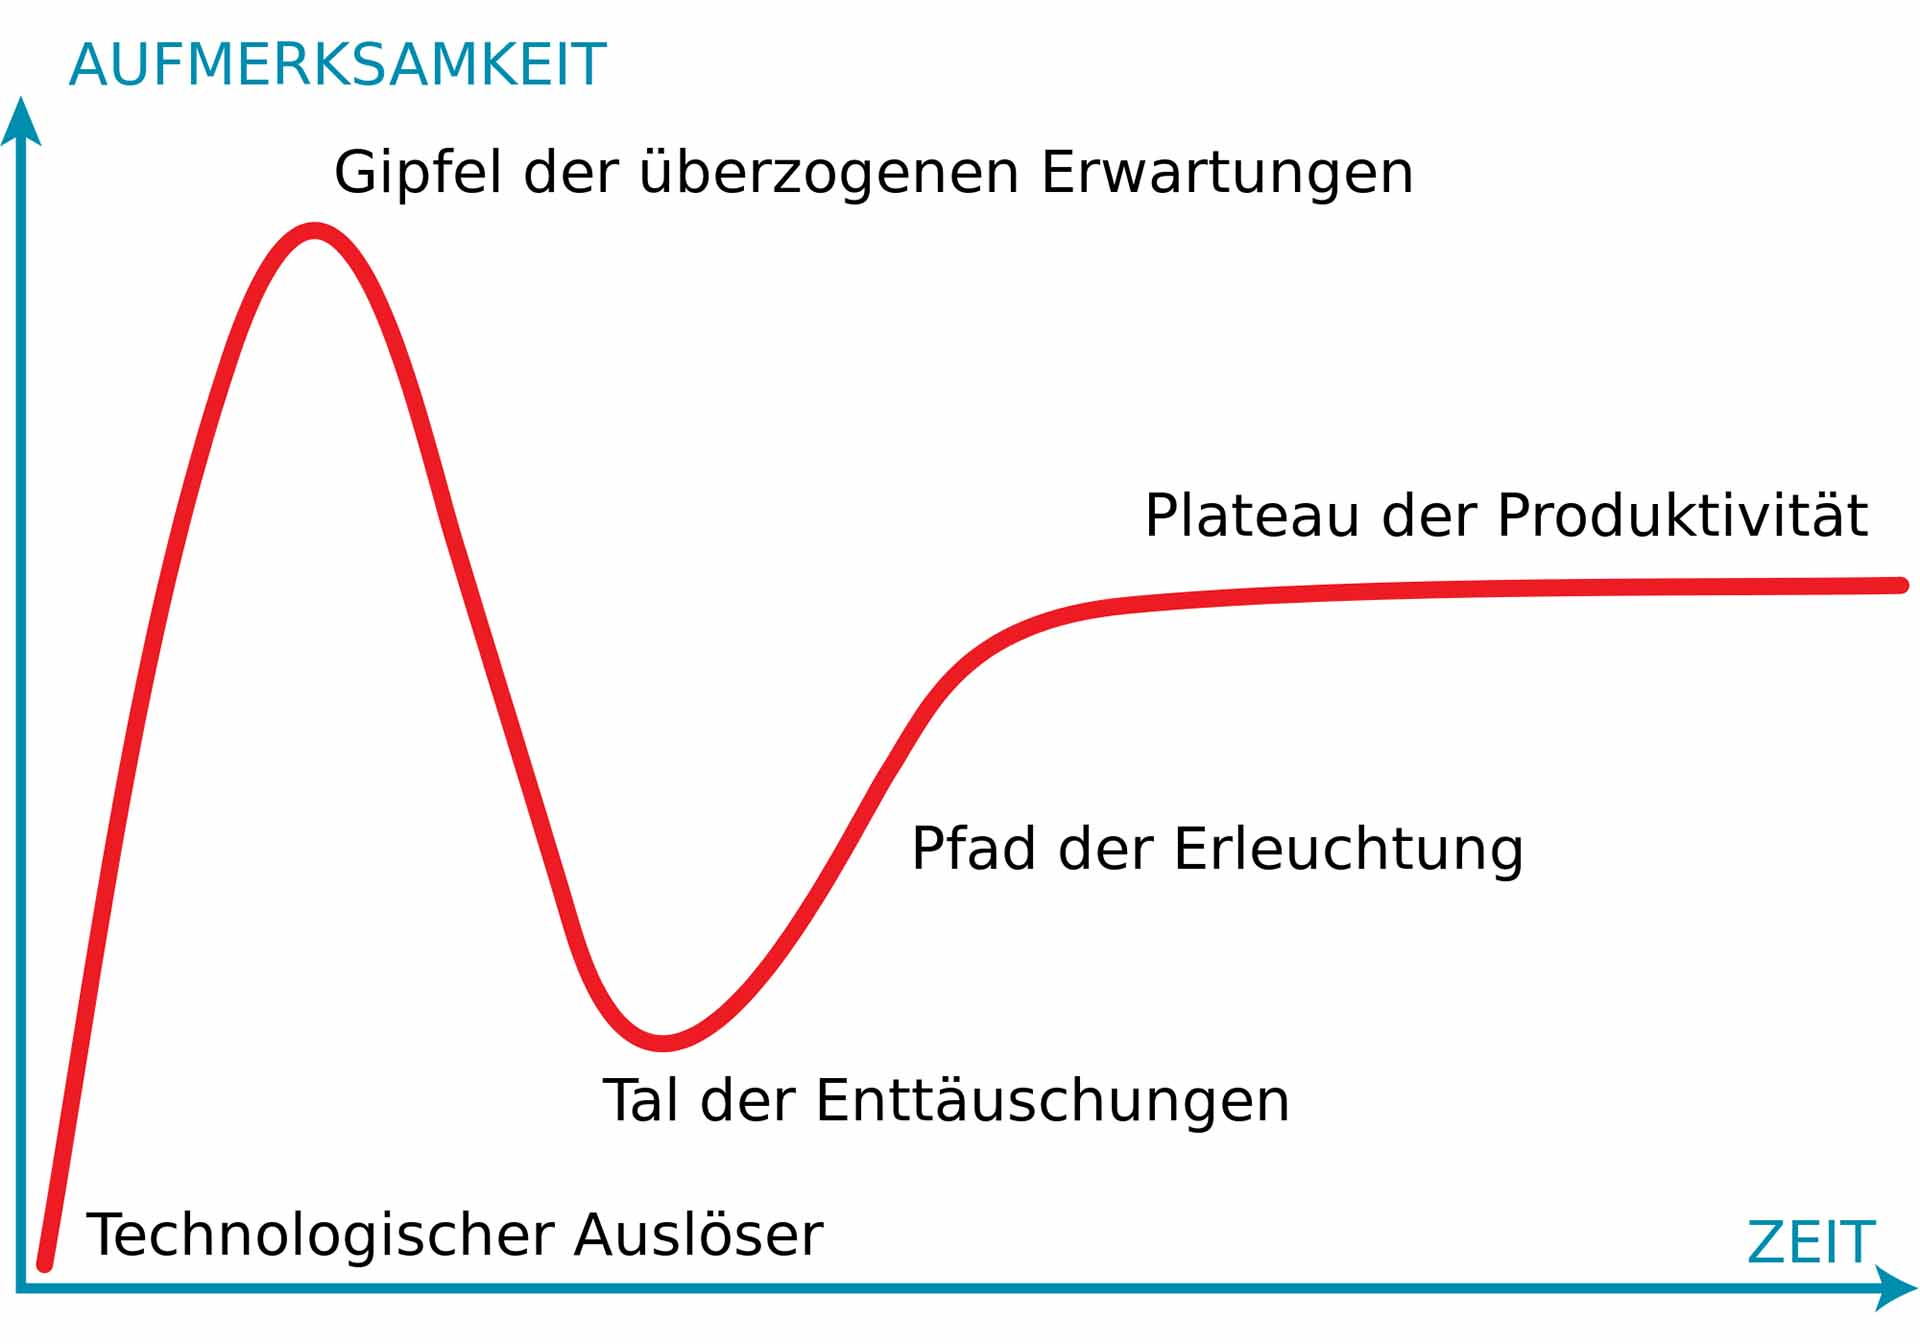 Der Hype-Zyklus der Agilität - auf dem Weg ins Tal der Enttäuschungen